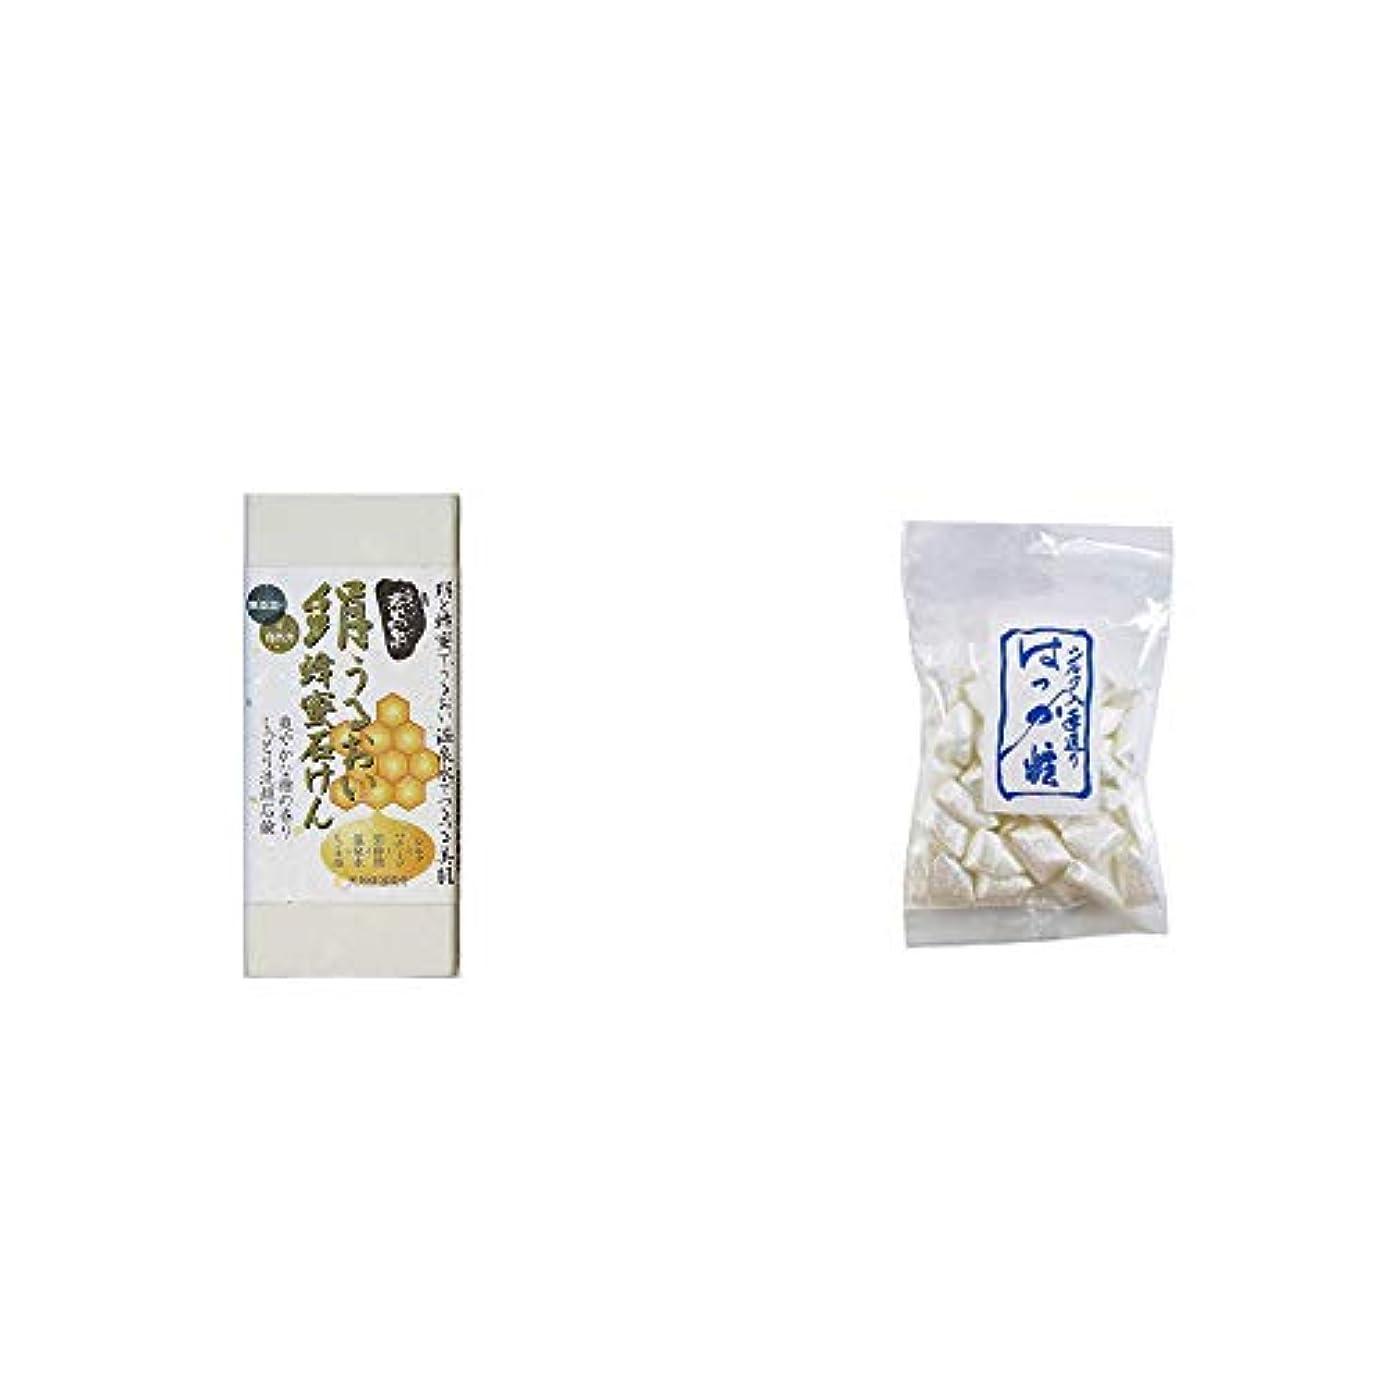 リベラルワークショップリスト[2点セット] ひのき炭黒泉 絹うるおい蜂蜜石けん(75g×2)?シルクはっか糖(150g)